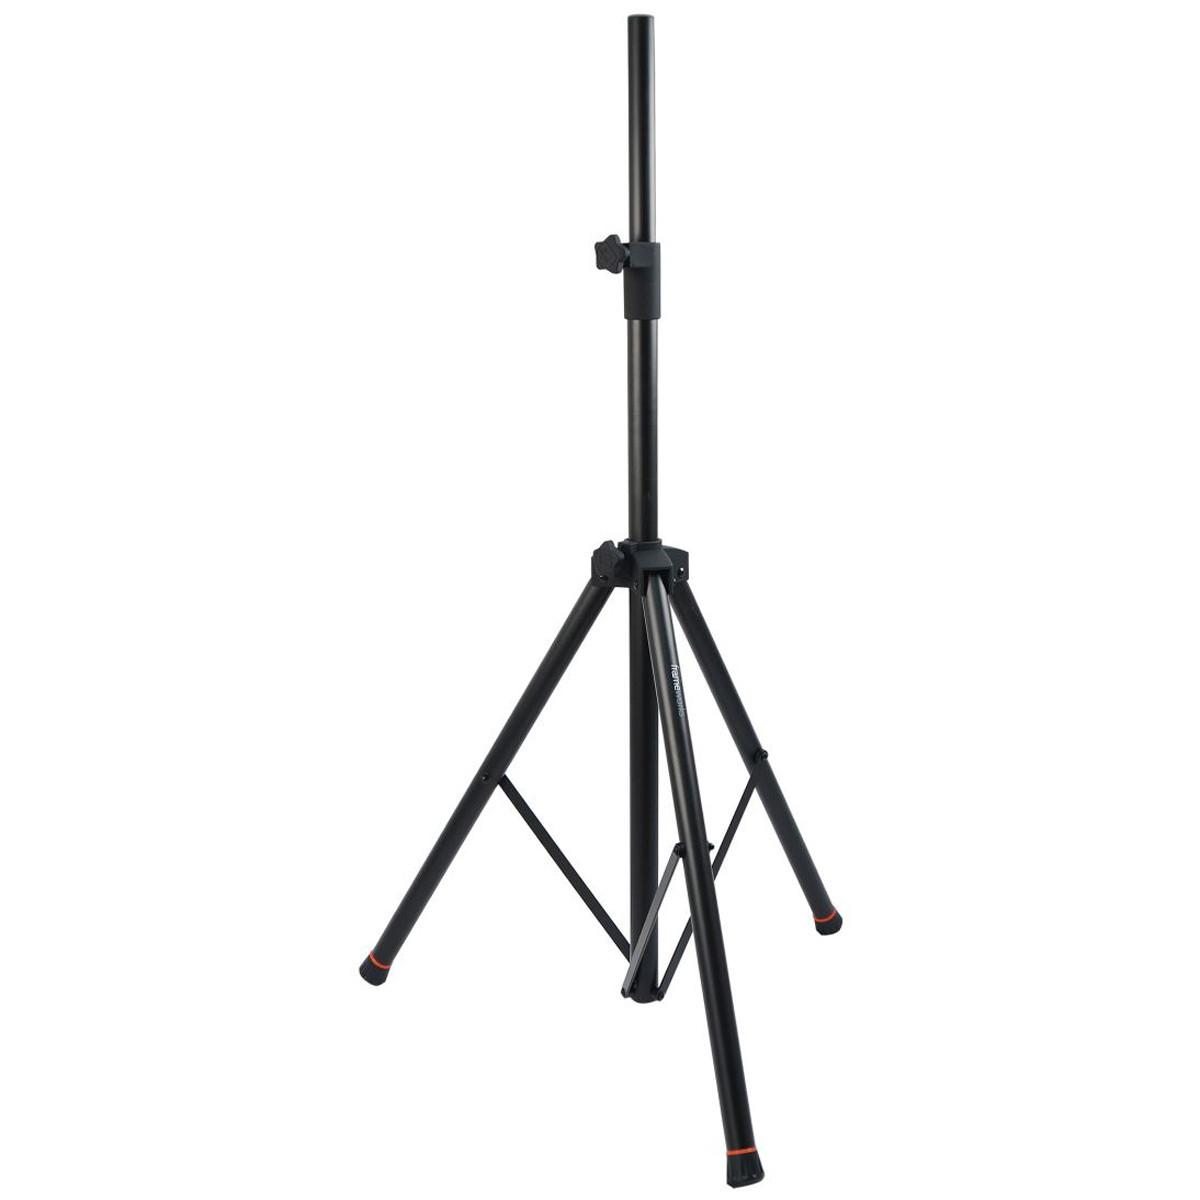 Frameworks Gfw Spk Standard Aluminum Speaker Stand At